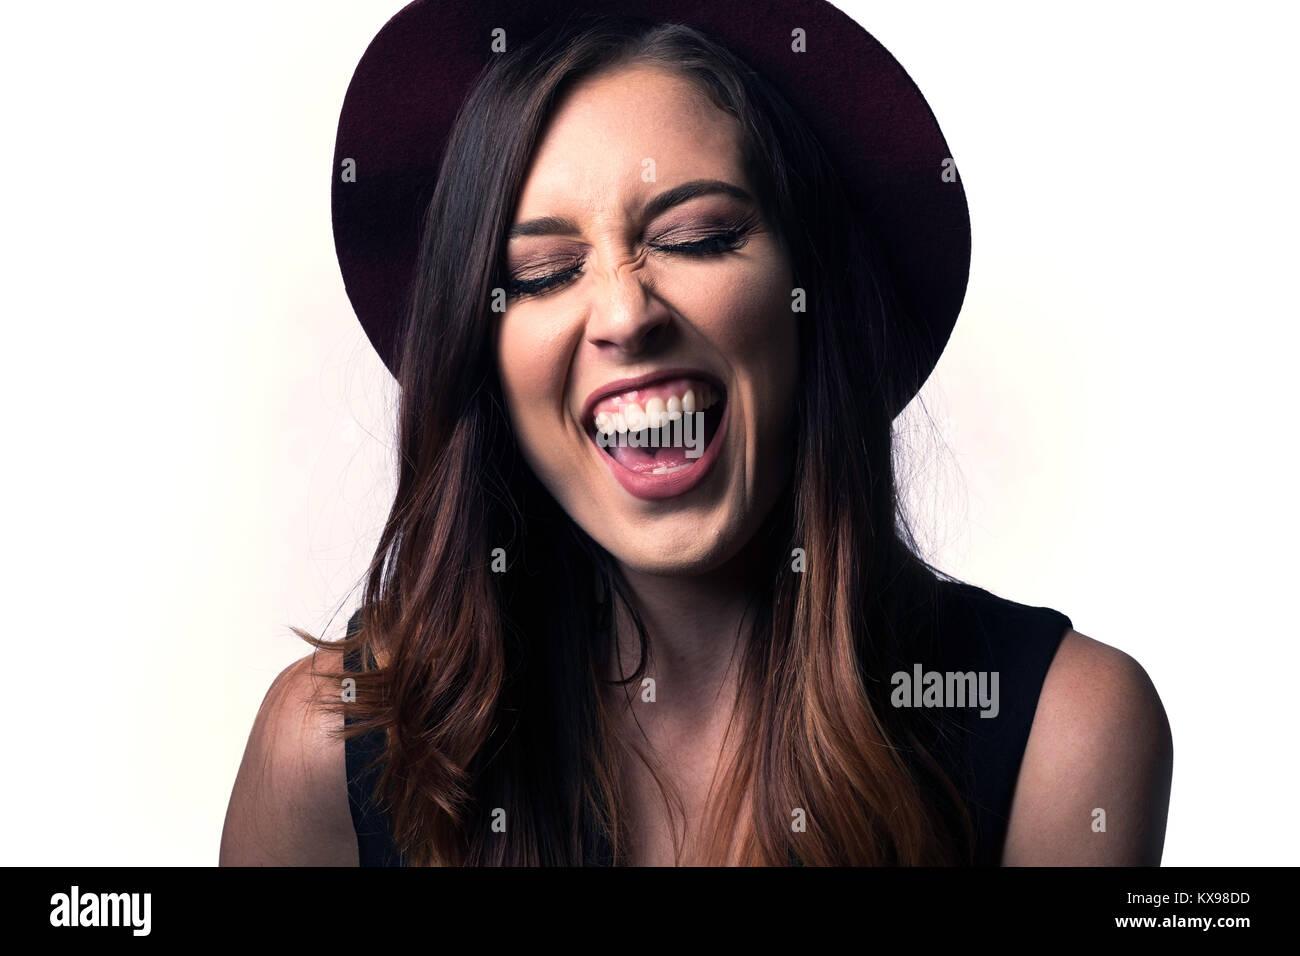 Junge Frau in hat Lachen spielen auf weißem Hintergrund Stockfoto